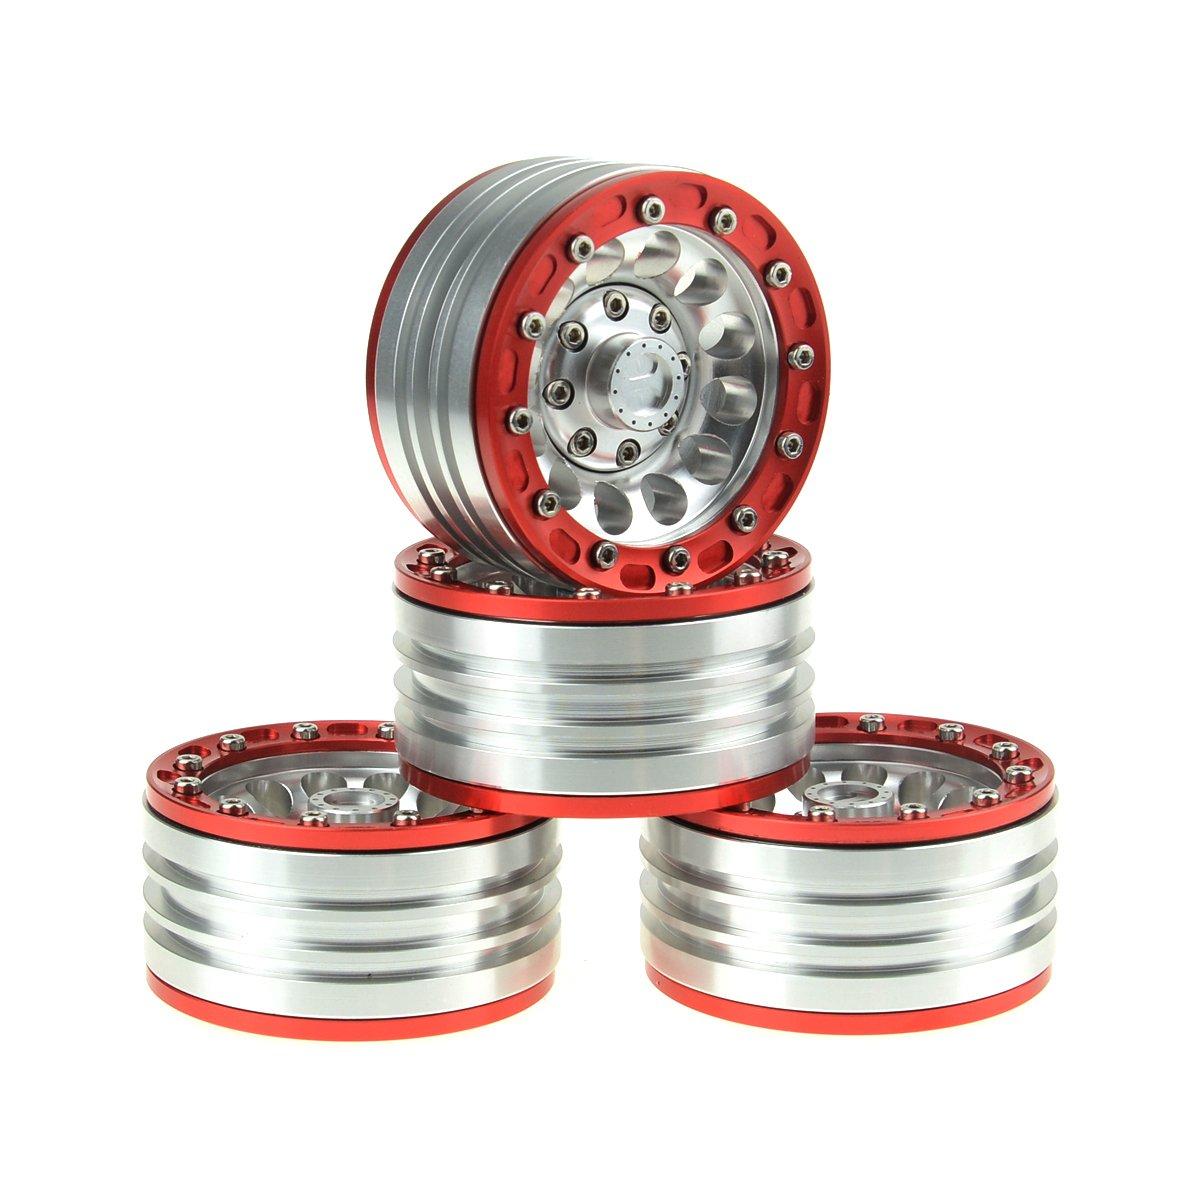 HobbyMarking 4Pcs Aluminium 1/10 RC Crawler 1.9'' Beadlock Wheel Rims for 1:10 Axial SCX10 TAMIYA RC4WD D90 RC Car